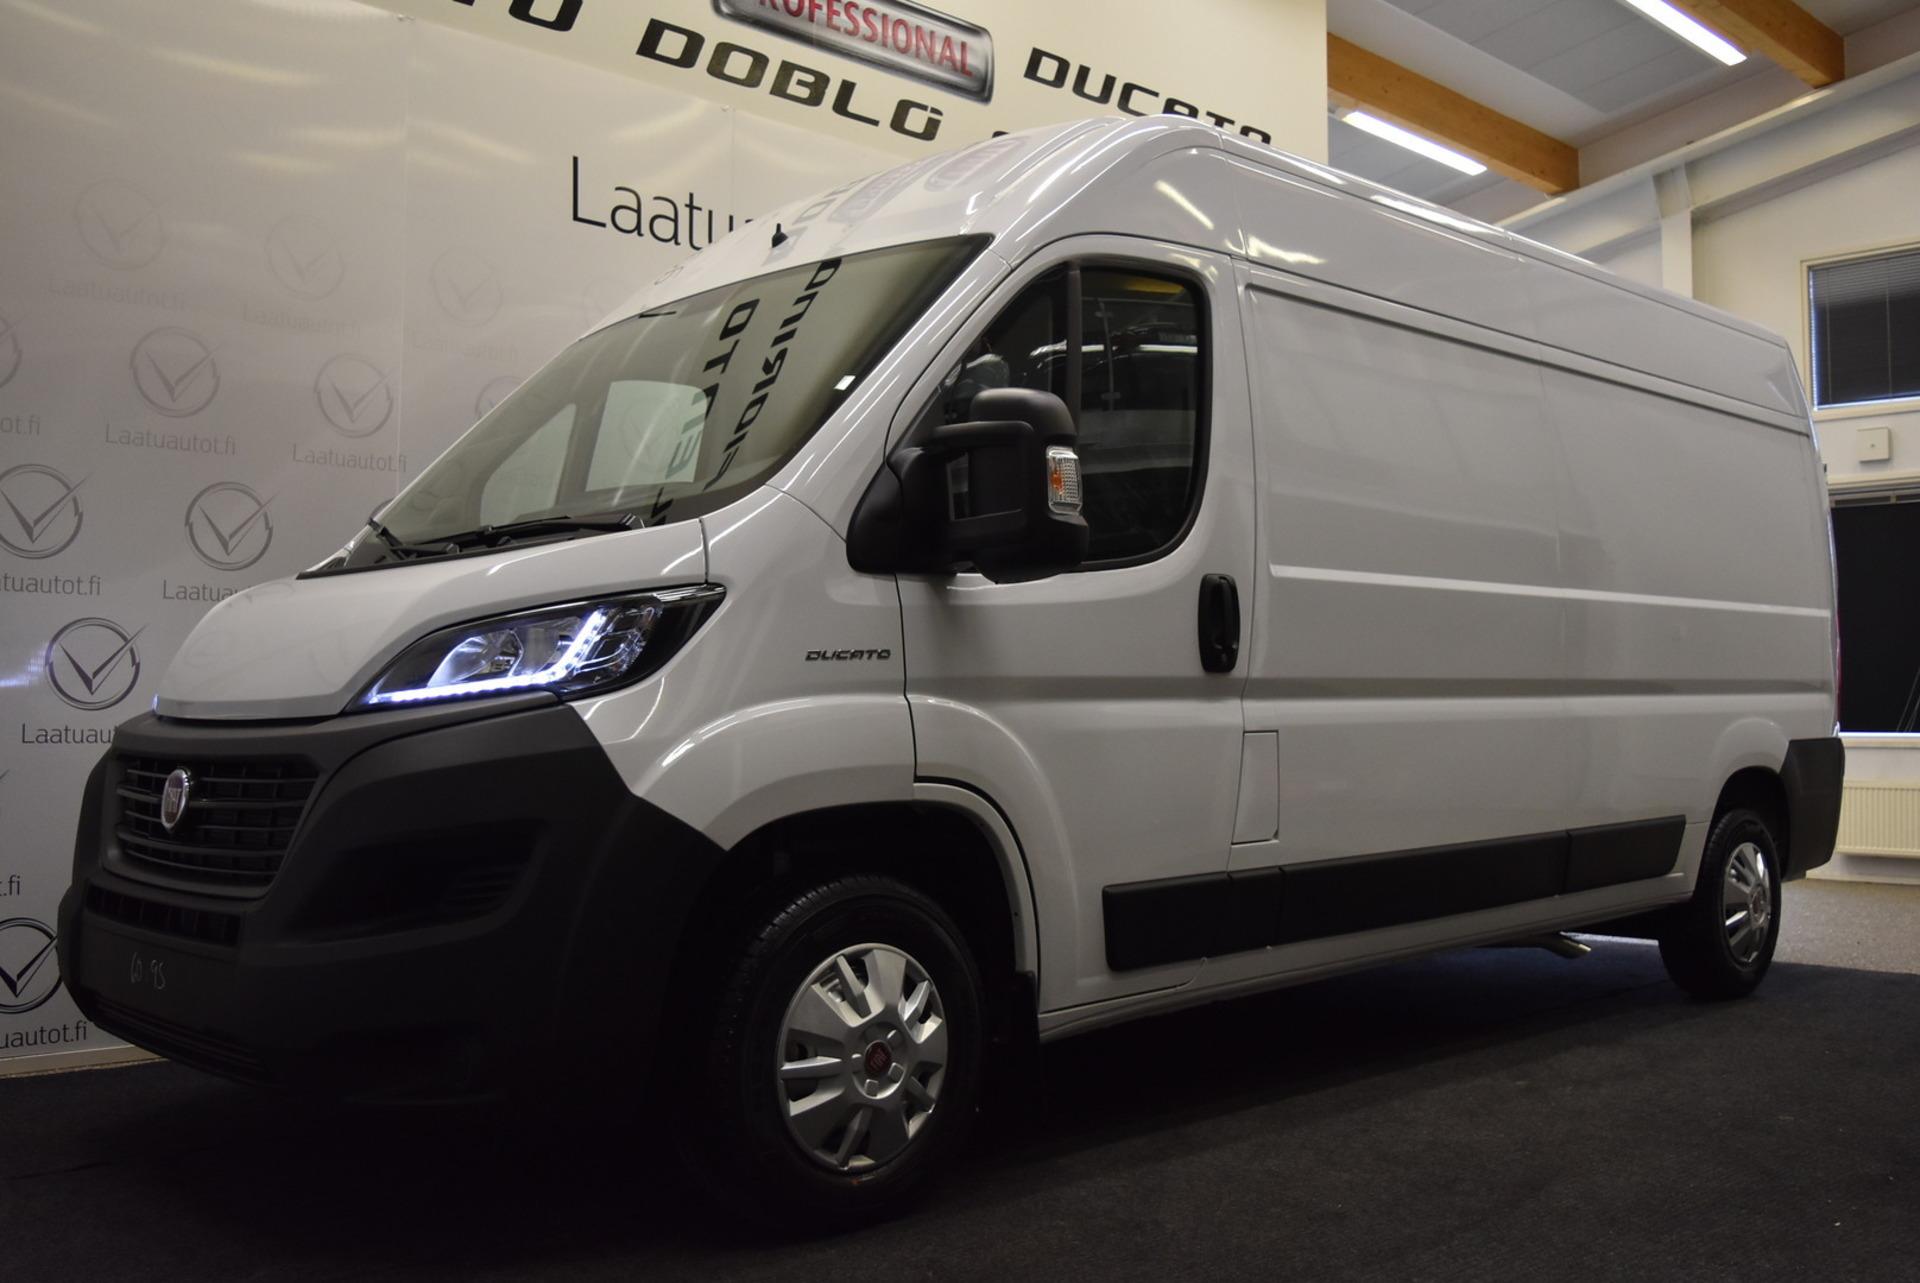 FIAT DUCATO 2, 3 Multijet 140 13m3 L3H2 Pack 3 - Uusi auto nopeaan toimitukseen 0% korolla + kulut! Kaupan päälle talvirenkaat ja vanerointi!